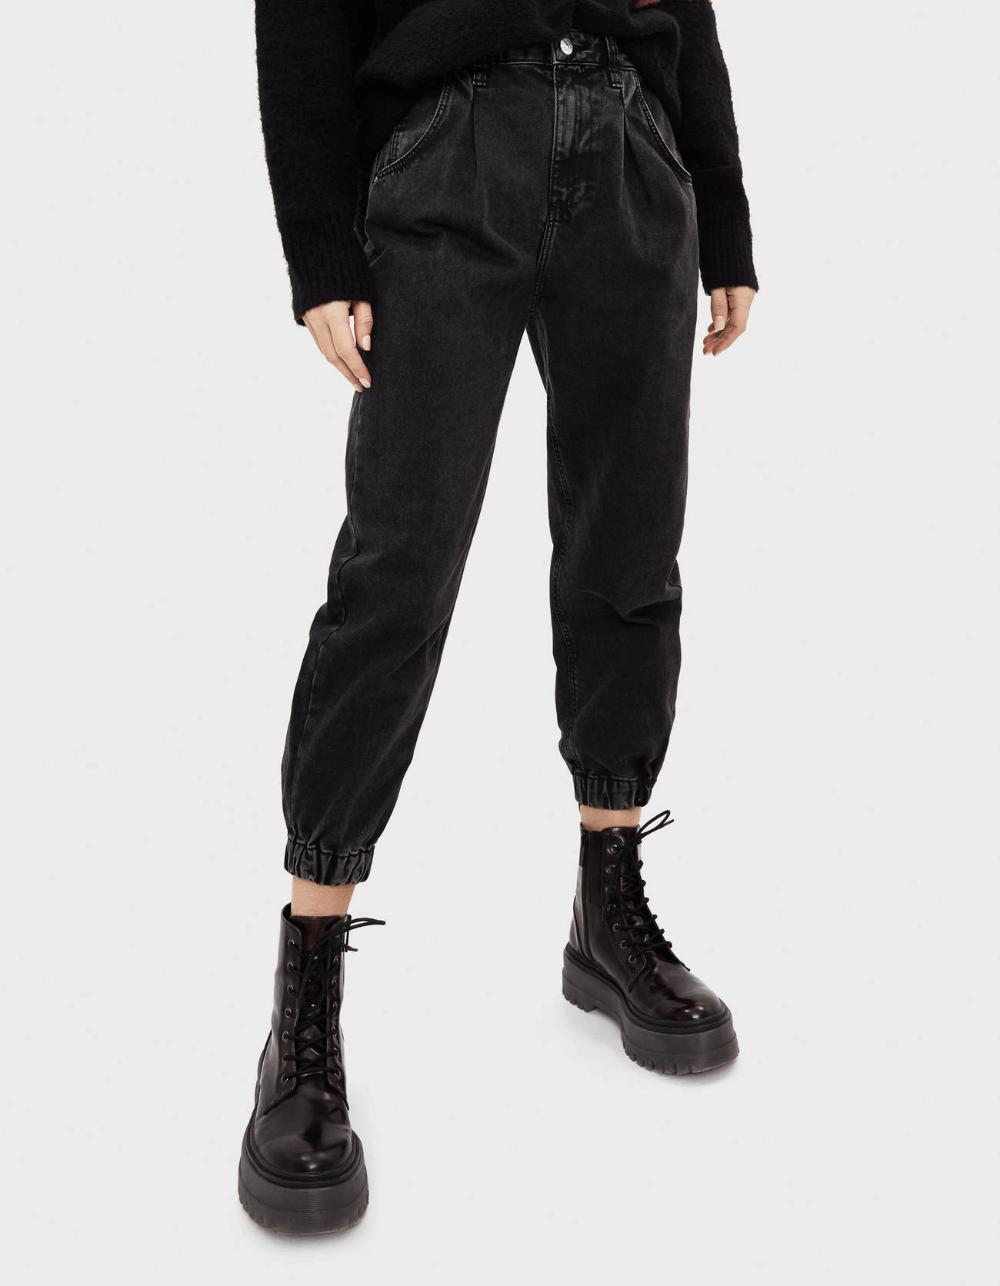 джинсы слоучи с черными ботинками